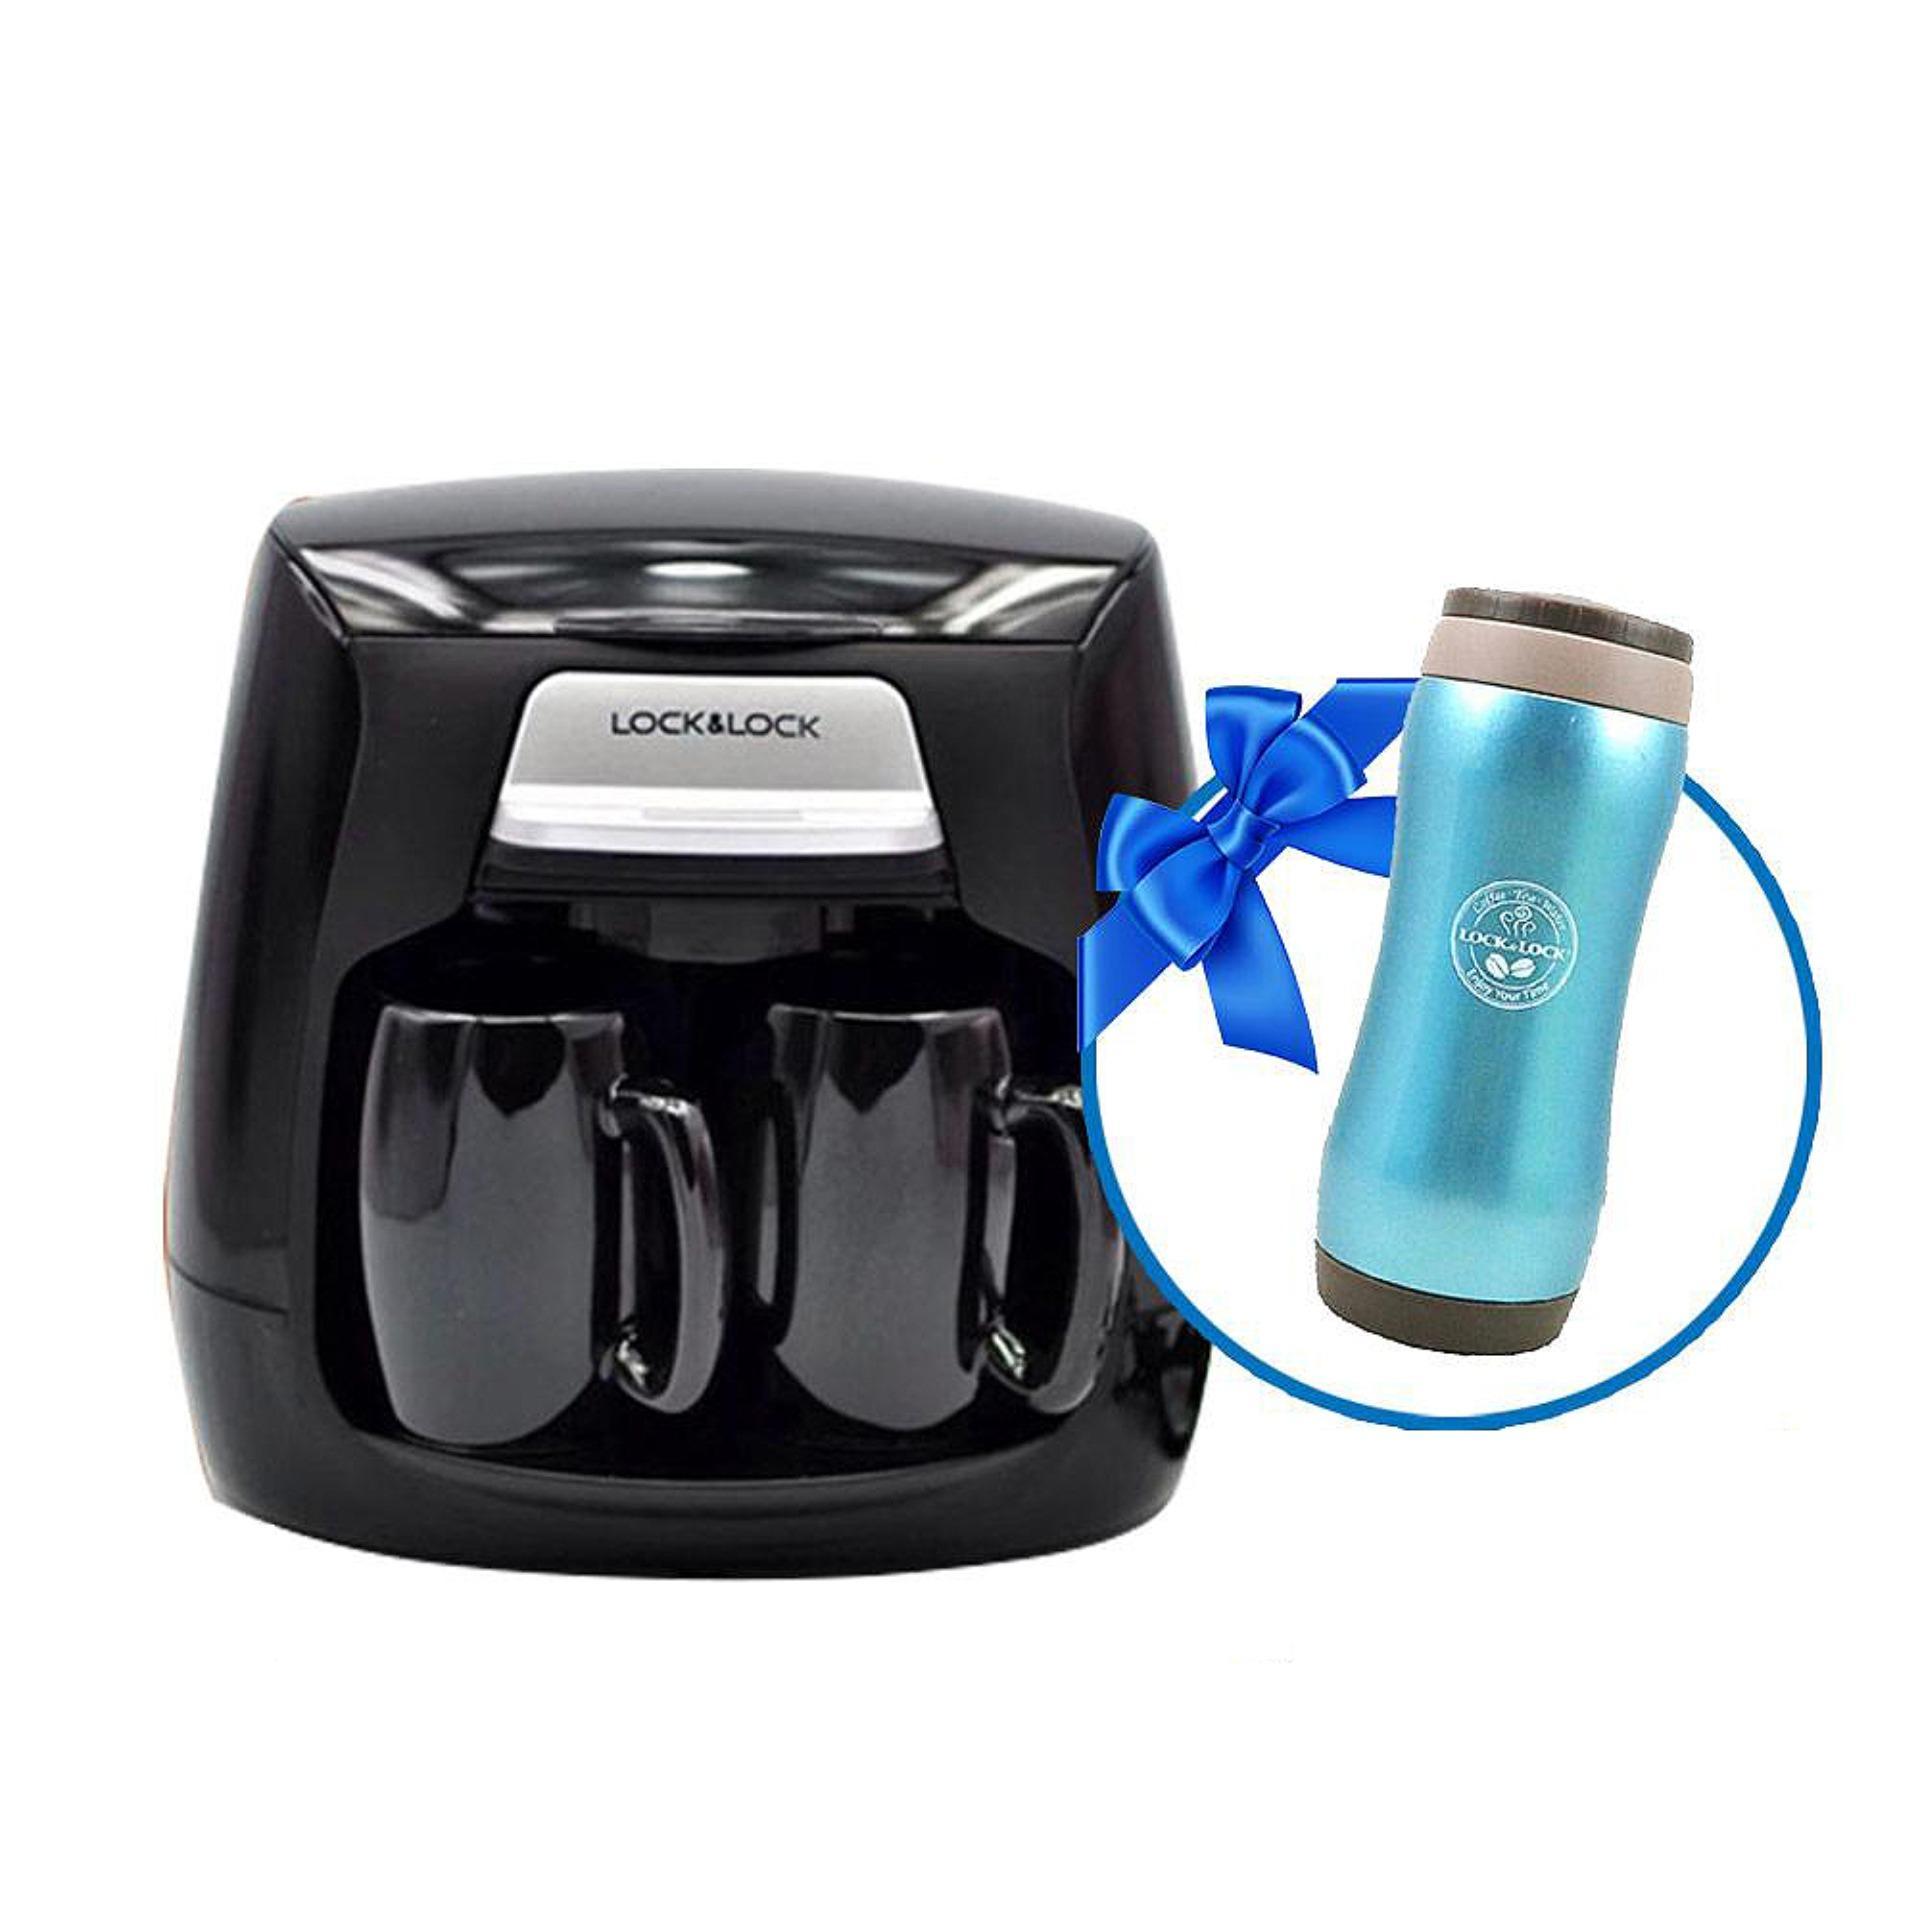 Máy pha cà phê Lock&Lock ELCM-202_LHC801B , 0.3L (Tặng bình giữ nhiệt Grip tumbler 370ml ml, màu ngẫu nhiên)